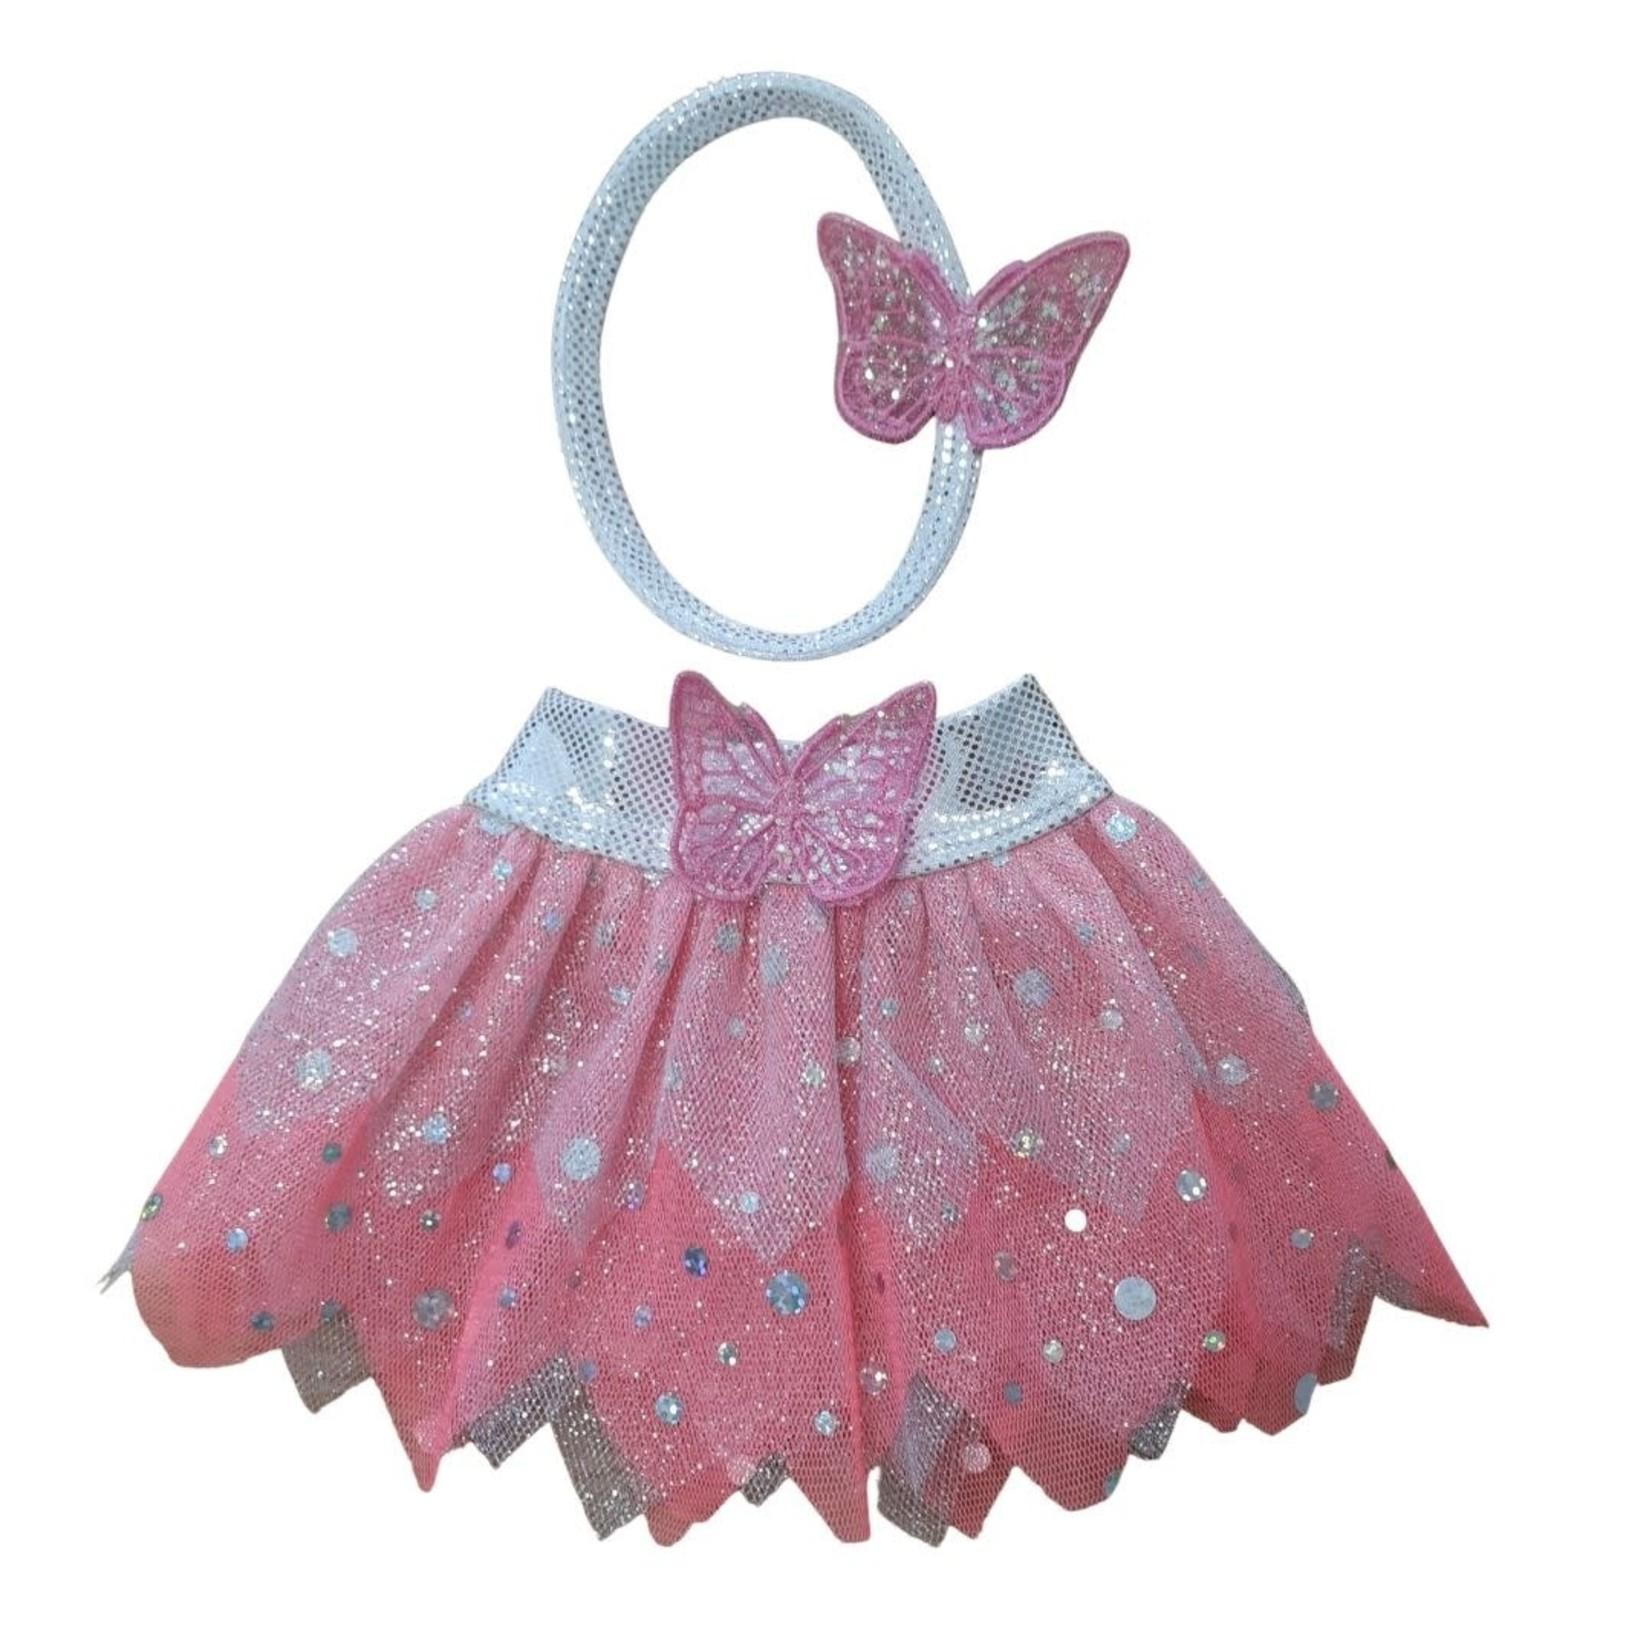 Wacky Wardrobe Wacky Wardrobe 38cm Tutu and Heaband Set - Pink